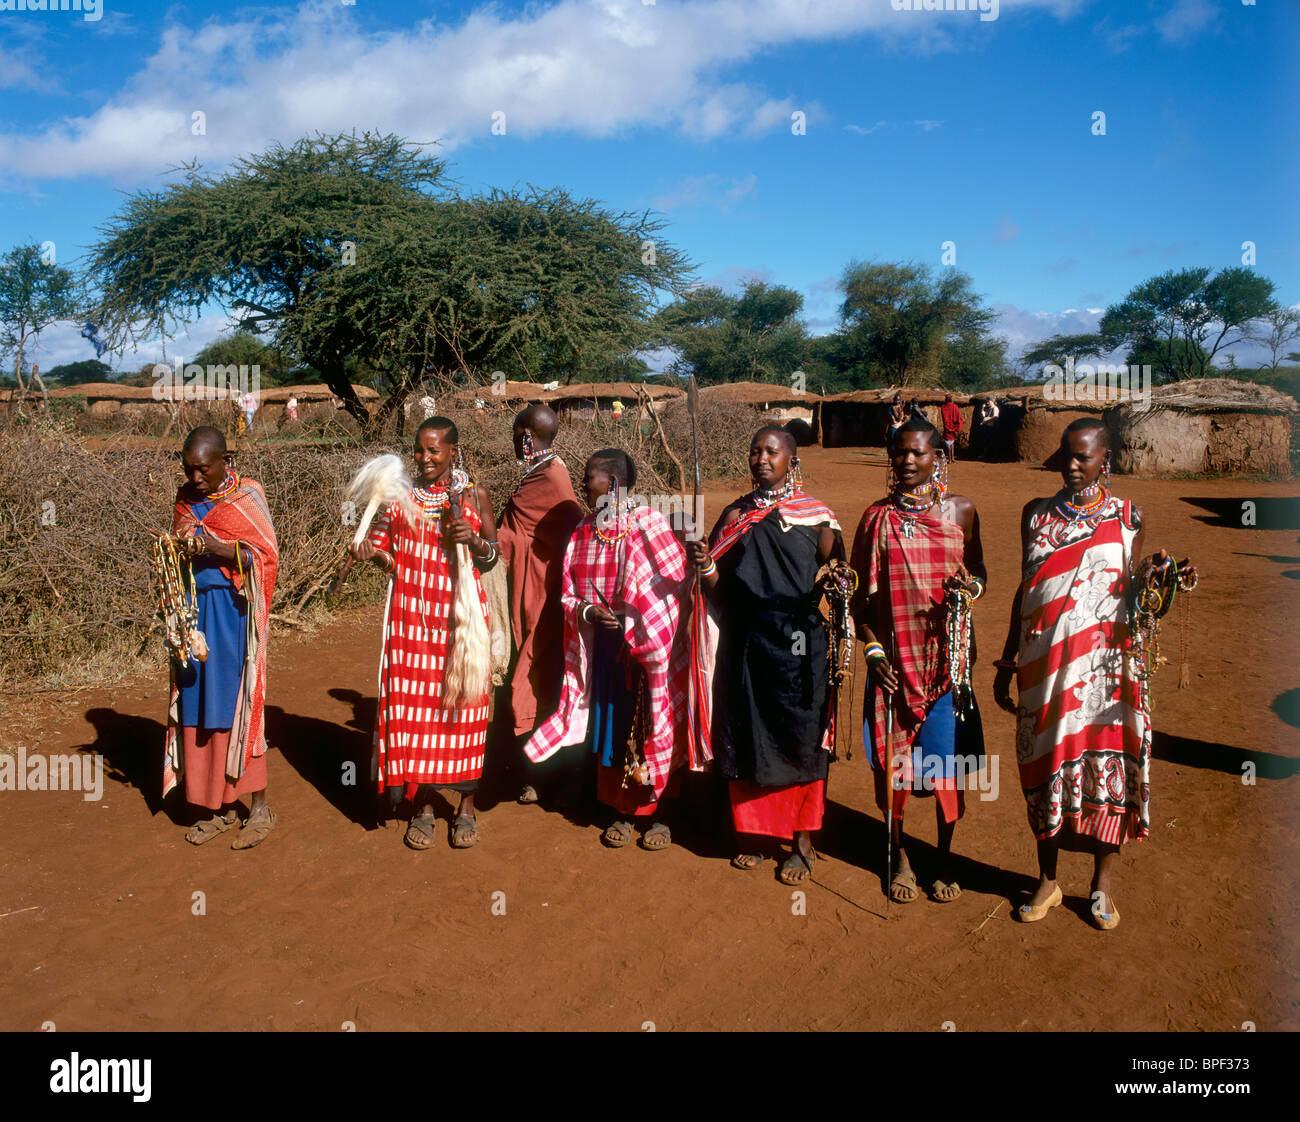 Masai tribeswomen, Amboseli National Park, Kenya - Stock Image